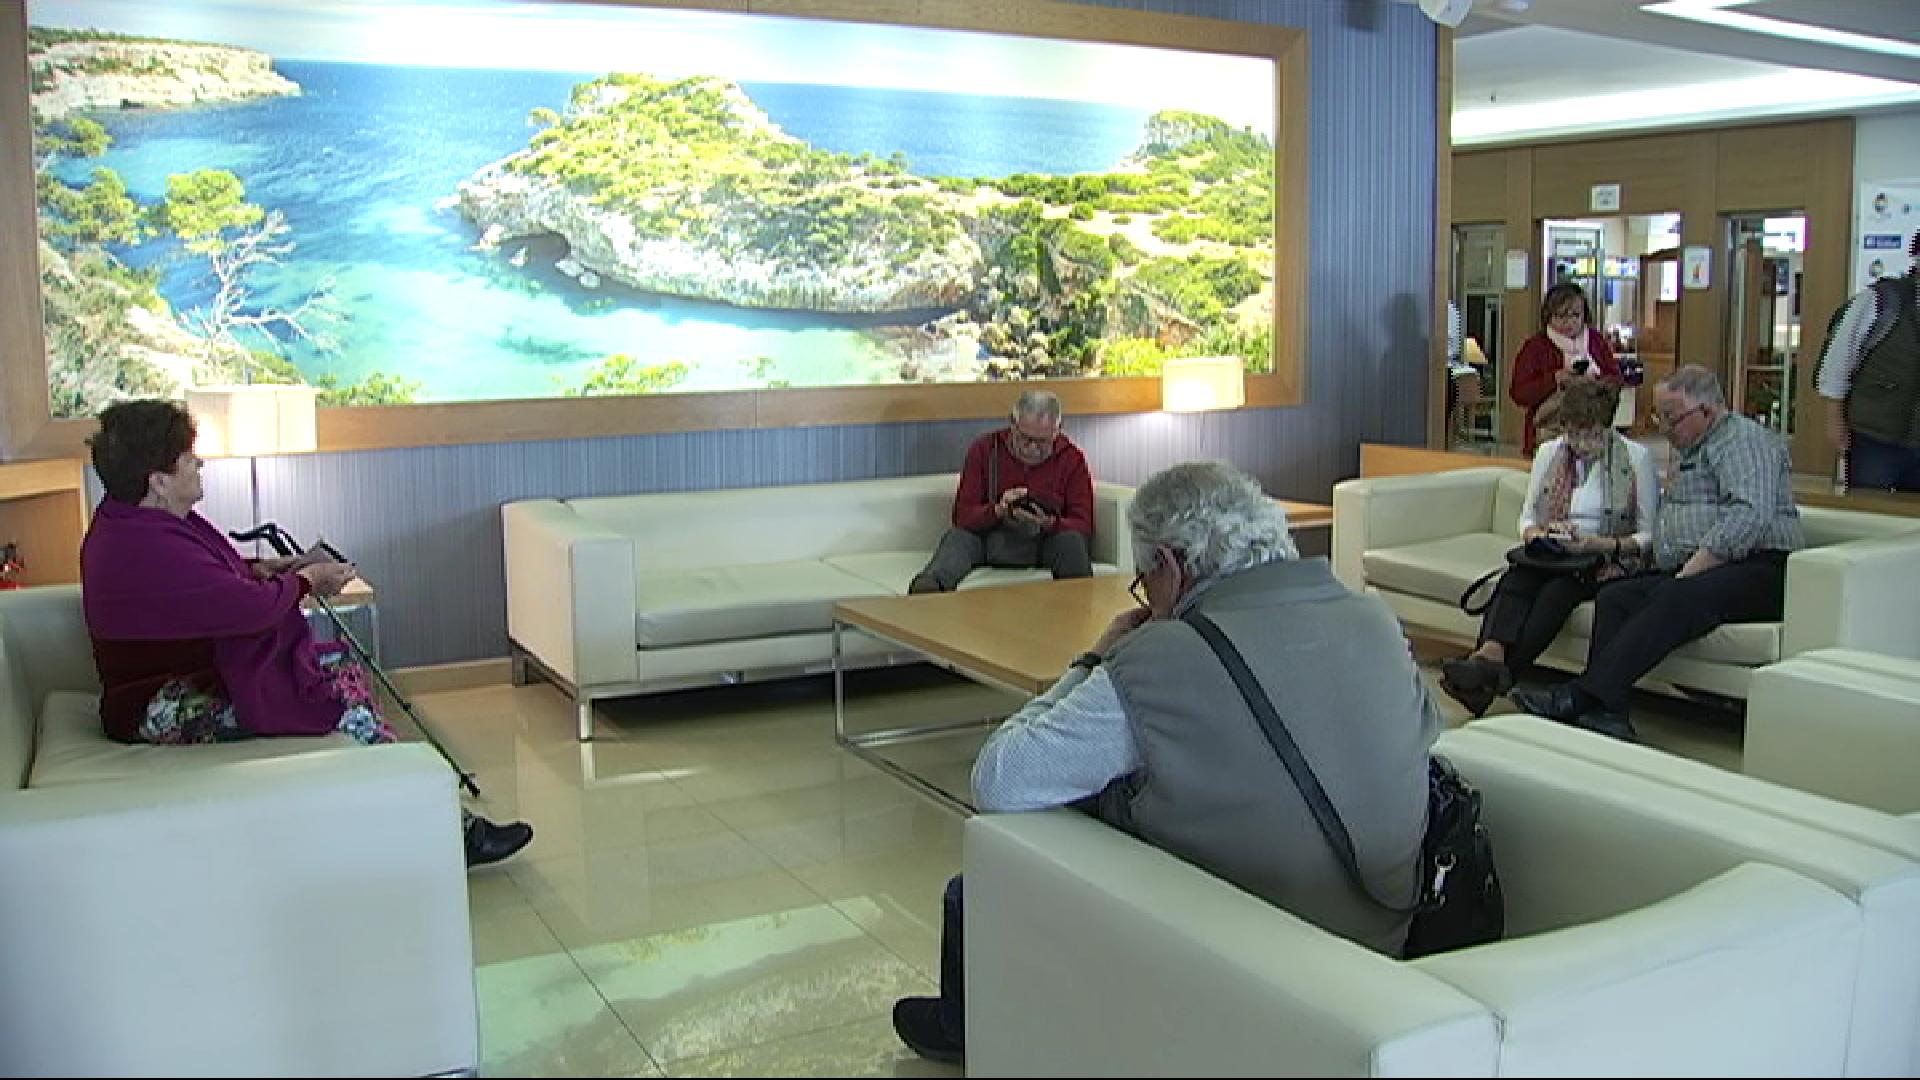 Hotels+de+Mallorca+dedicats+a+l%27Imserso+abocats+al+tancament+temporal